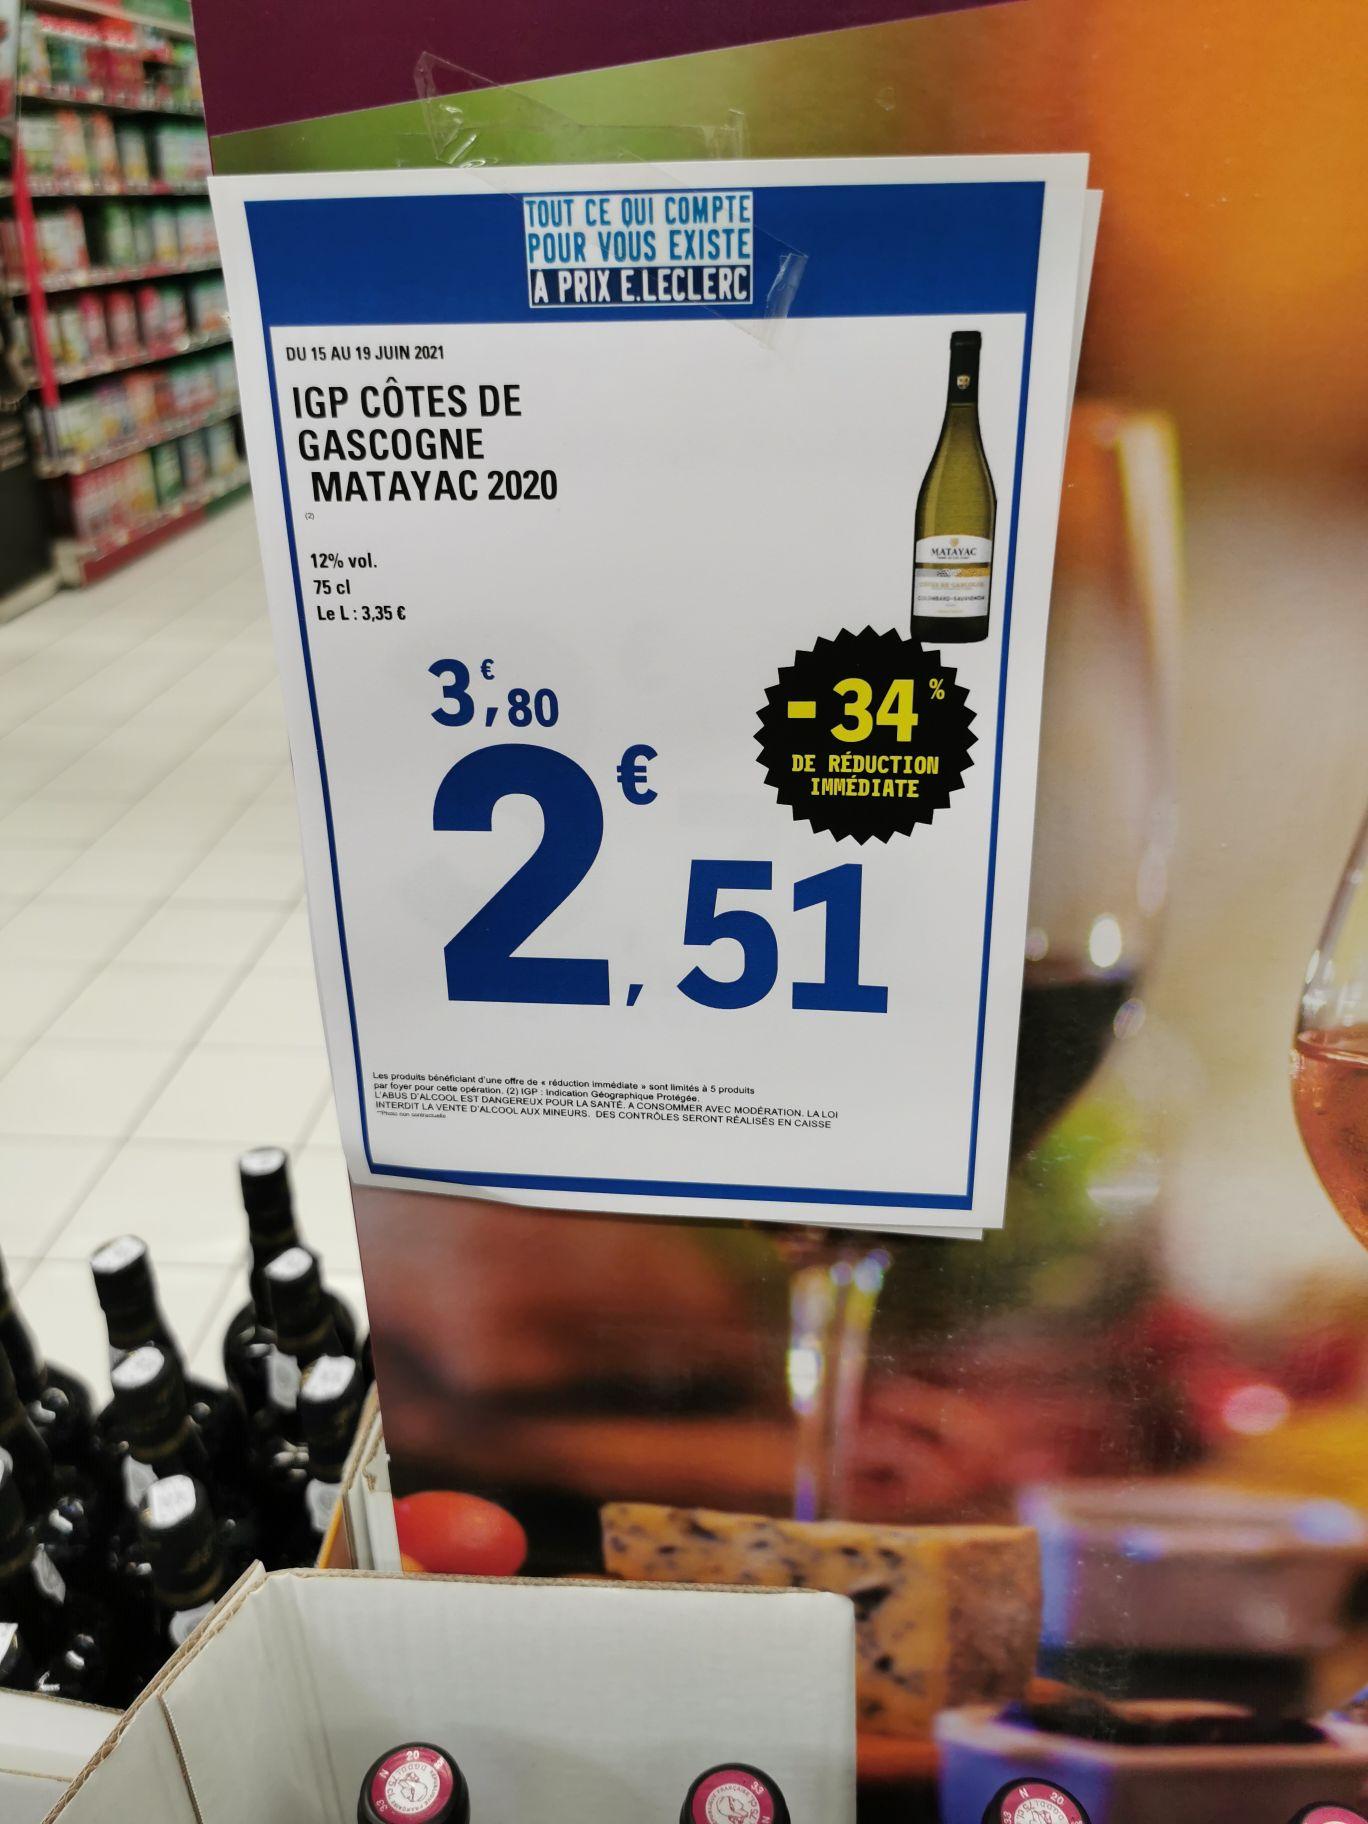 Bouteille de vin blanc IGP Côtes de Gascogne Matayac 2020 (75 cl) - Templeuve (59)